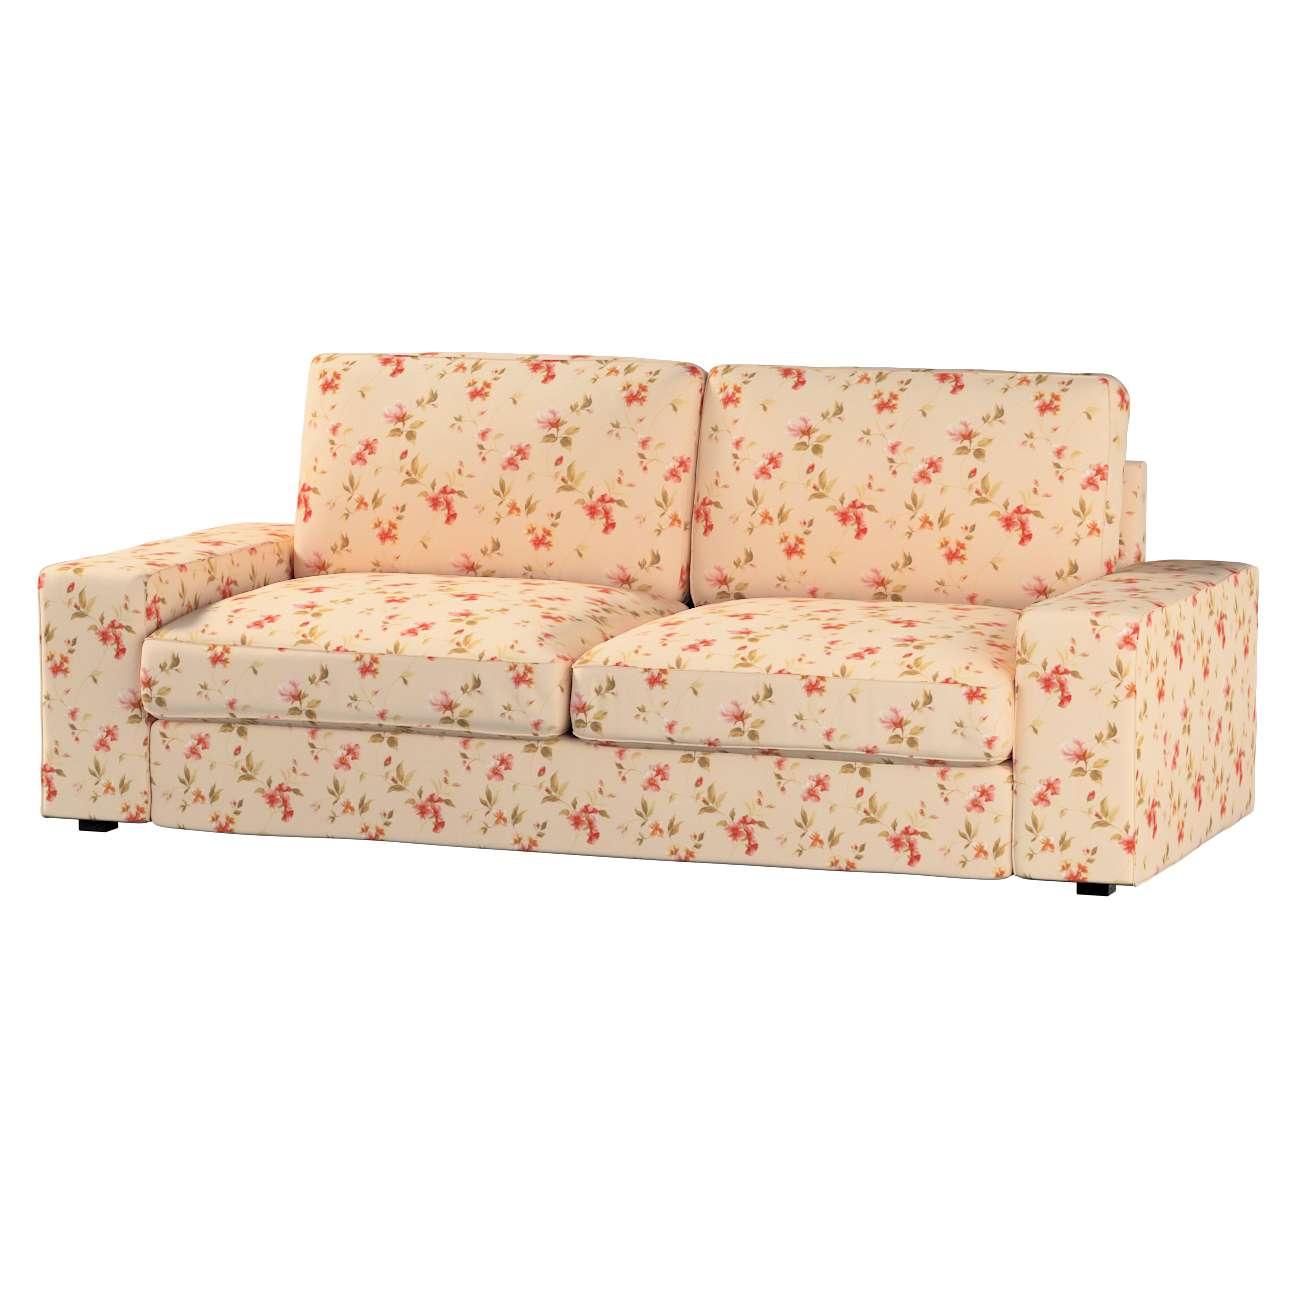 Pokrowiec na sofę Kivik 3-osobową, rozkładaną w kolekcji Londres, tkanina: 124-05